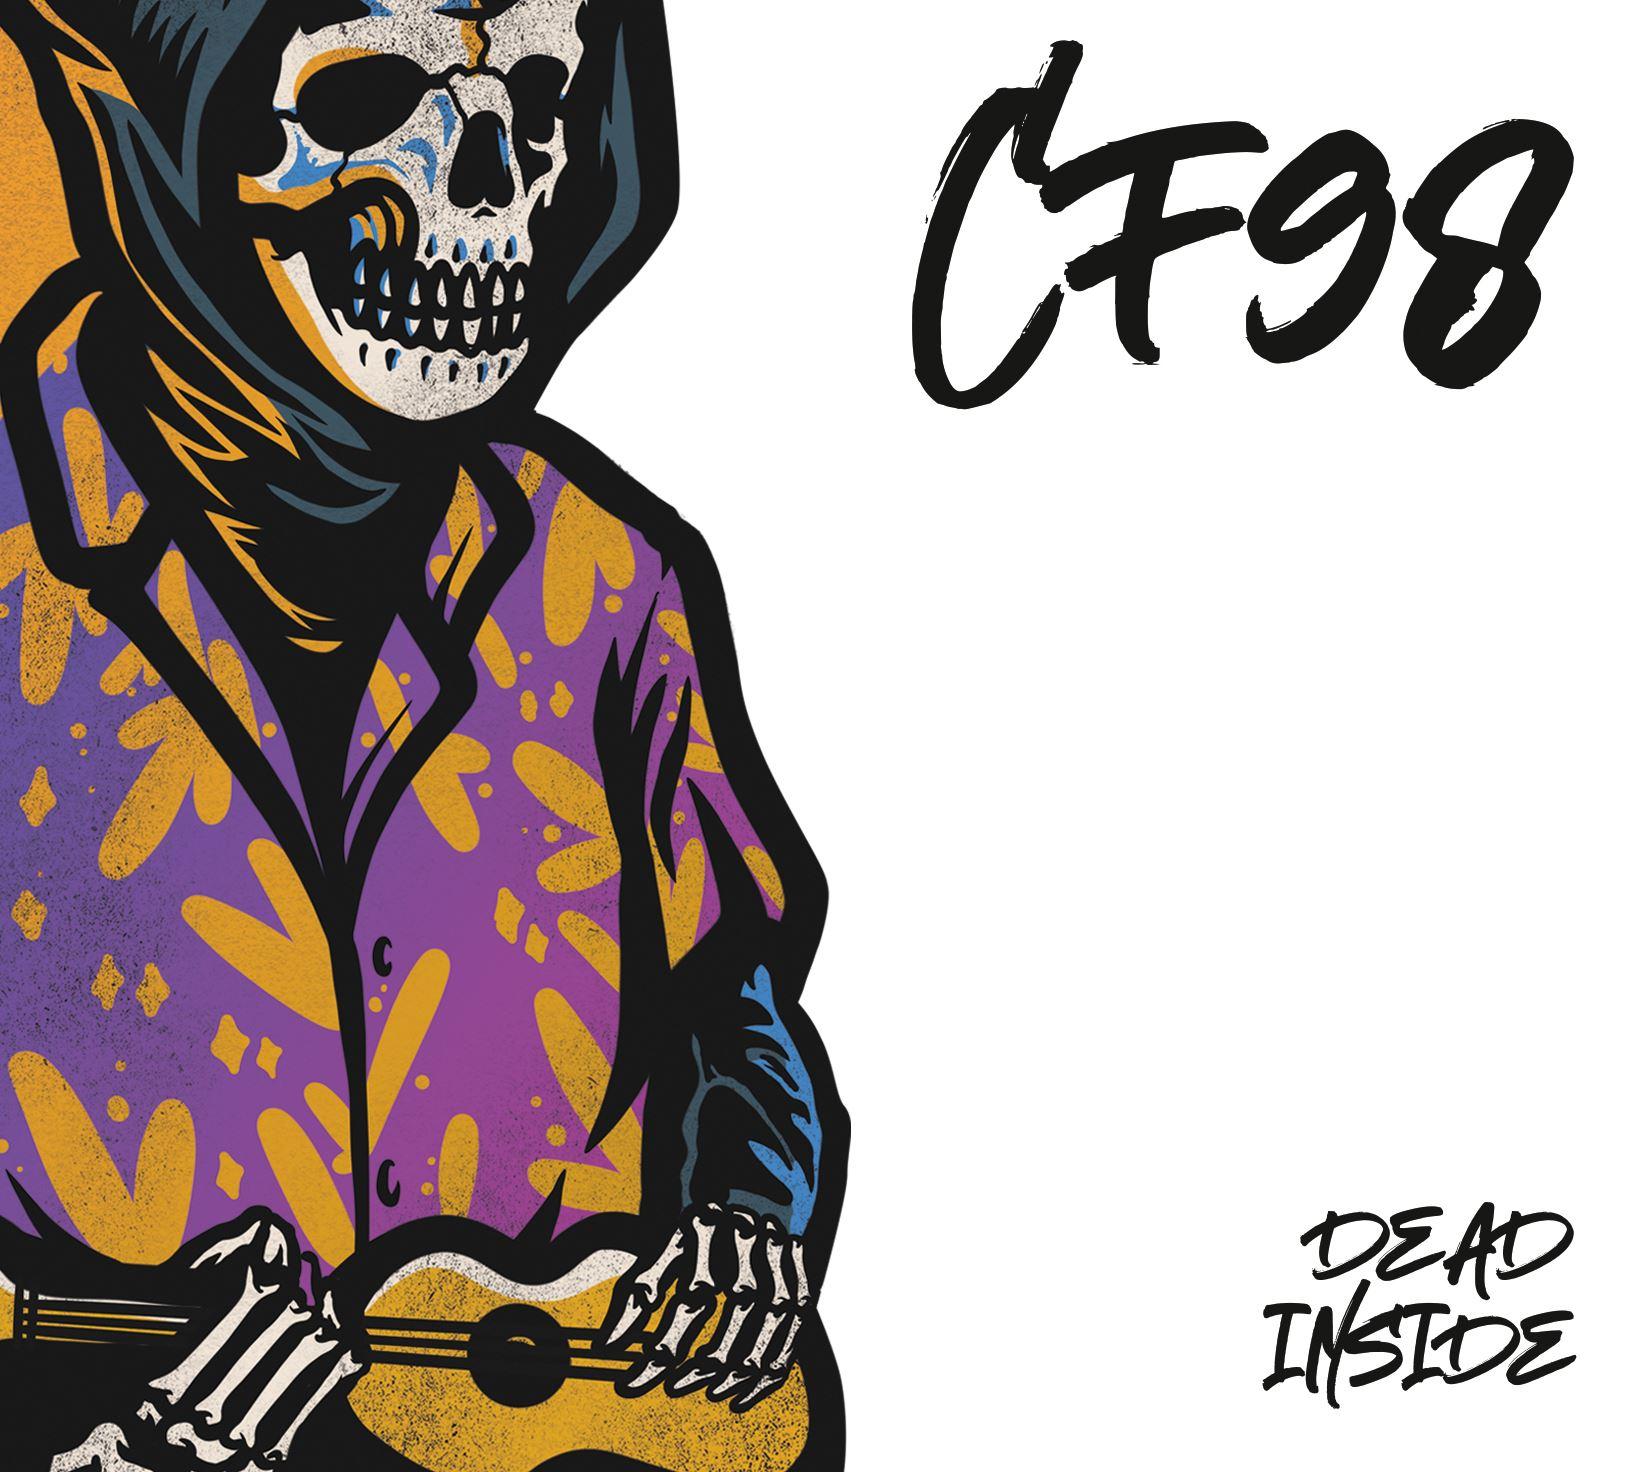 REVIEW: CF98 – DEAD INSIDE